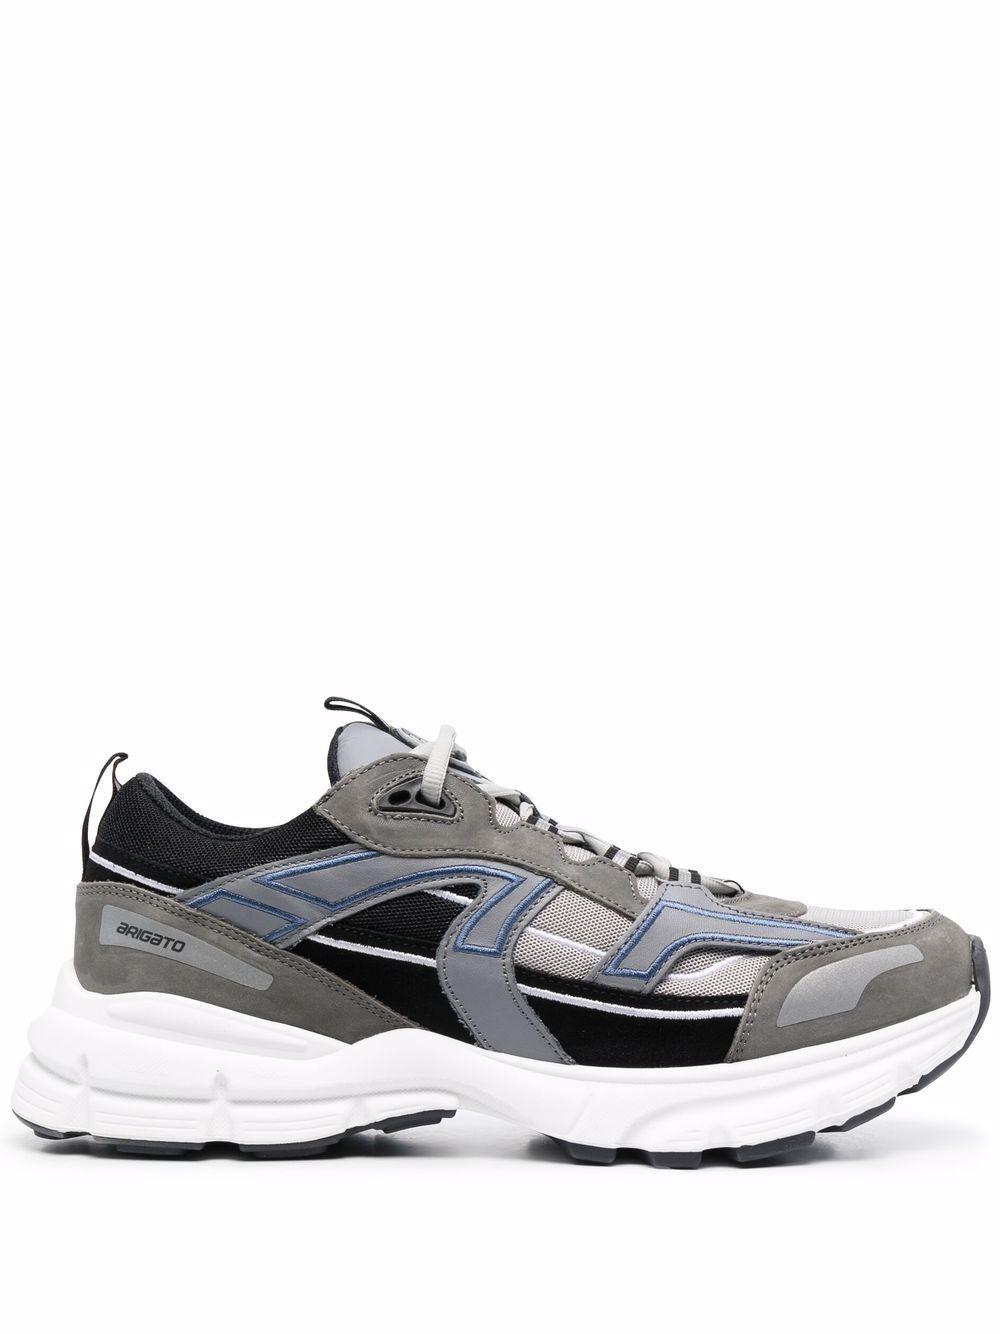 Sneaker marathon in pelle